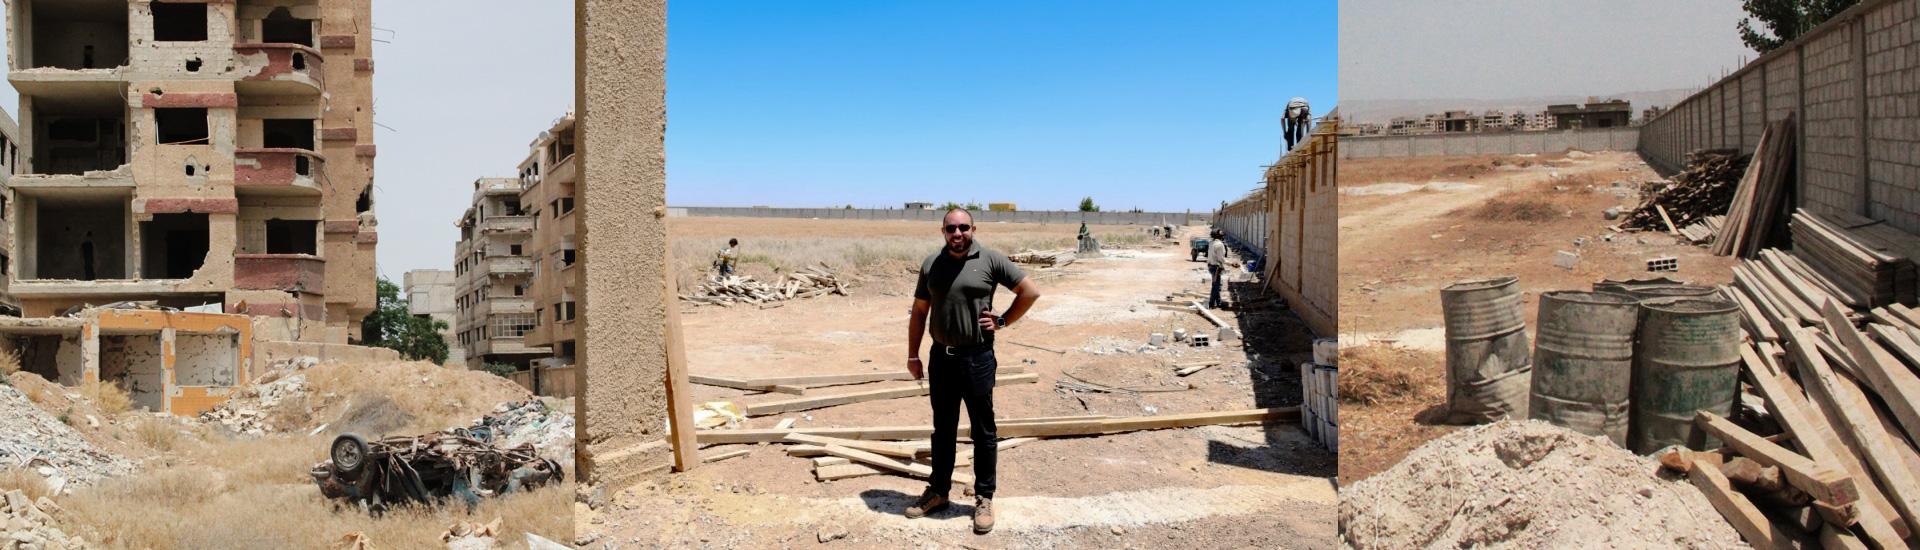 De campo de batalla a nuevo centro juvenil en Damasco